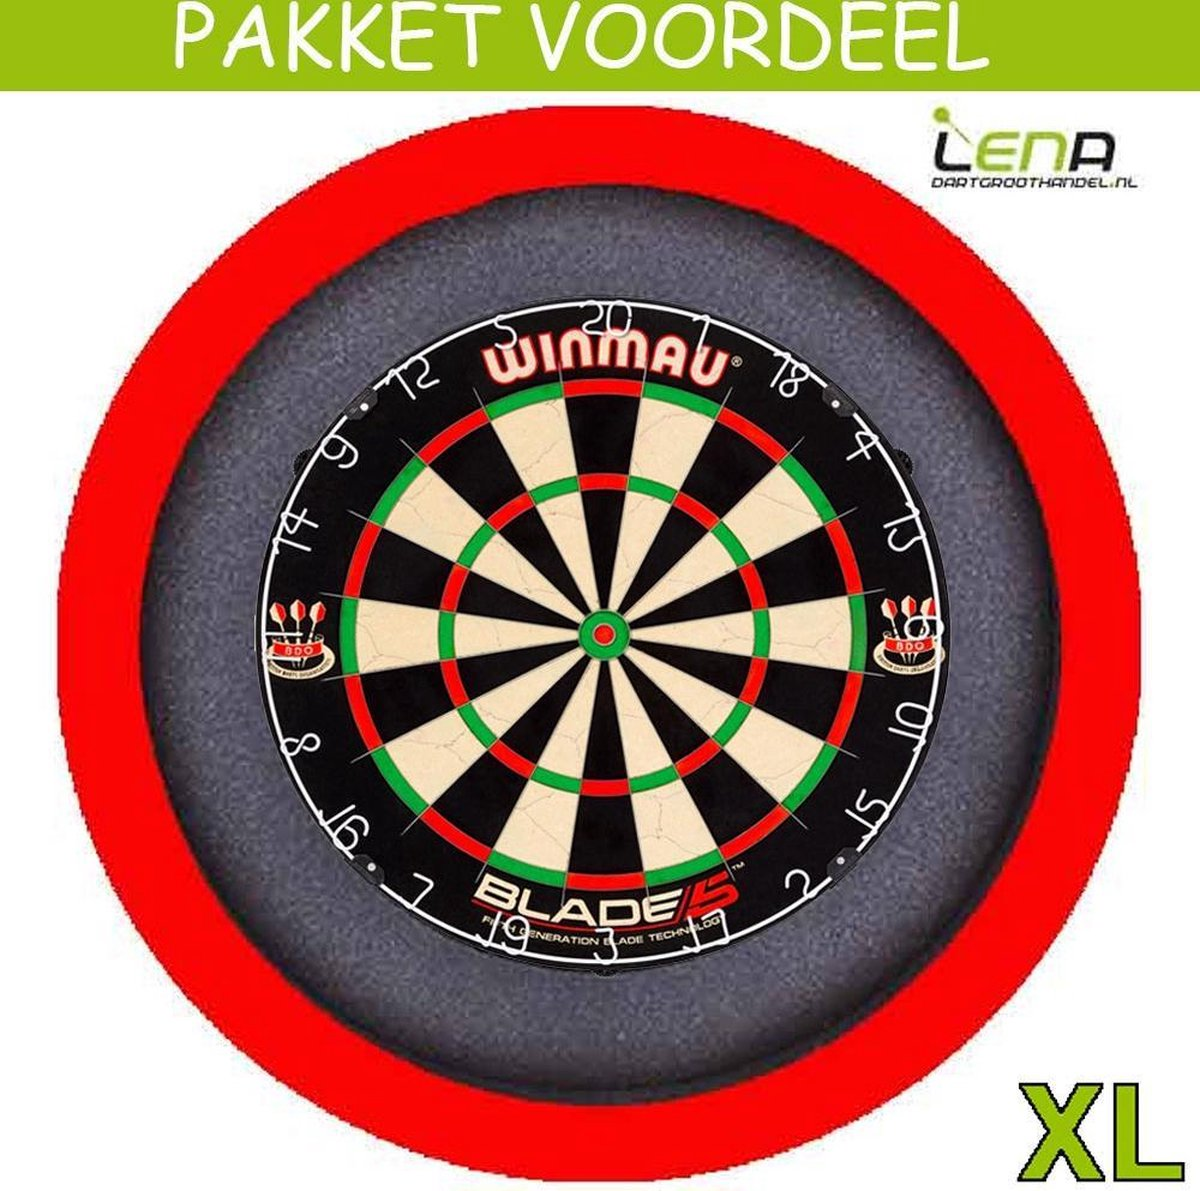 Dartbord Verlichting Voordeelpakket Pro + Blade 5 + Dartbordverlichting Basic XL(Rood)